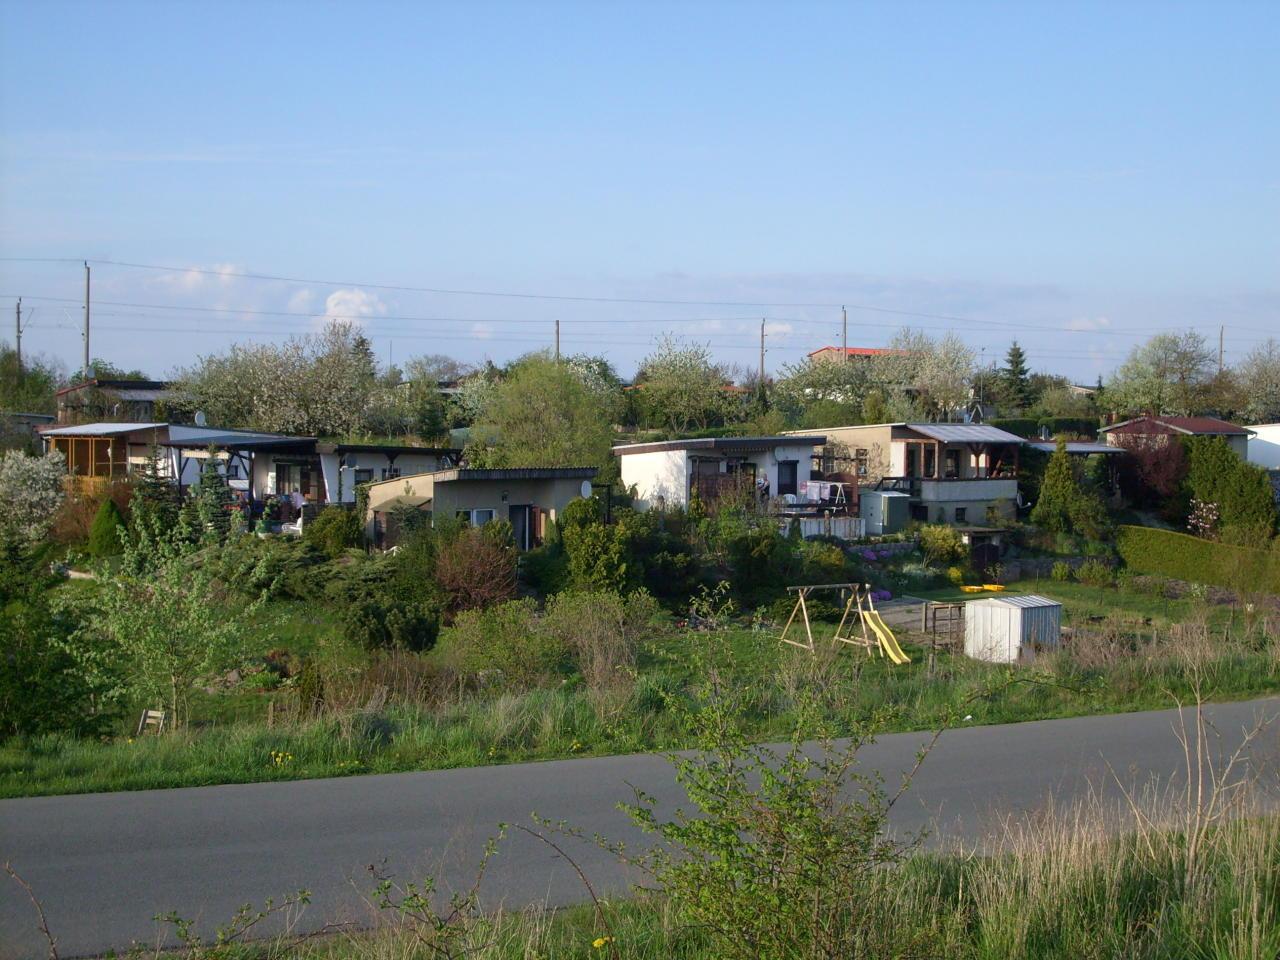 kleingartenkolonie-germany-schreber-gardens